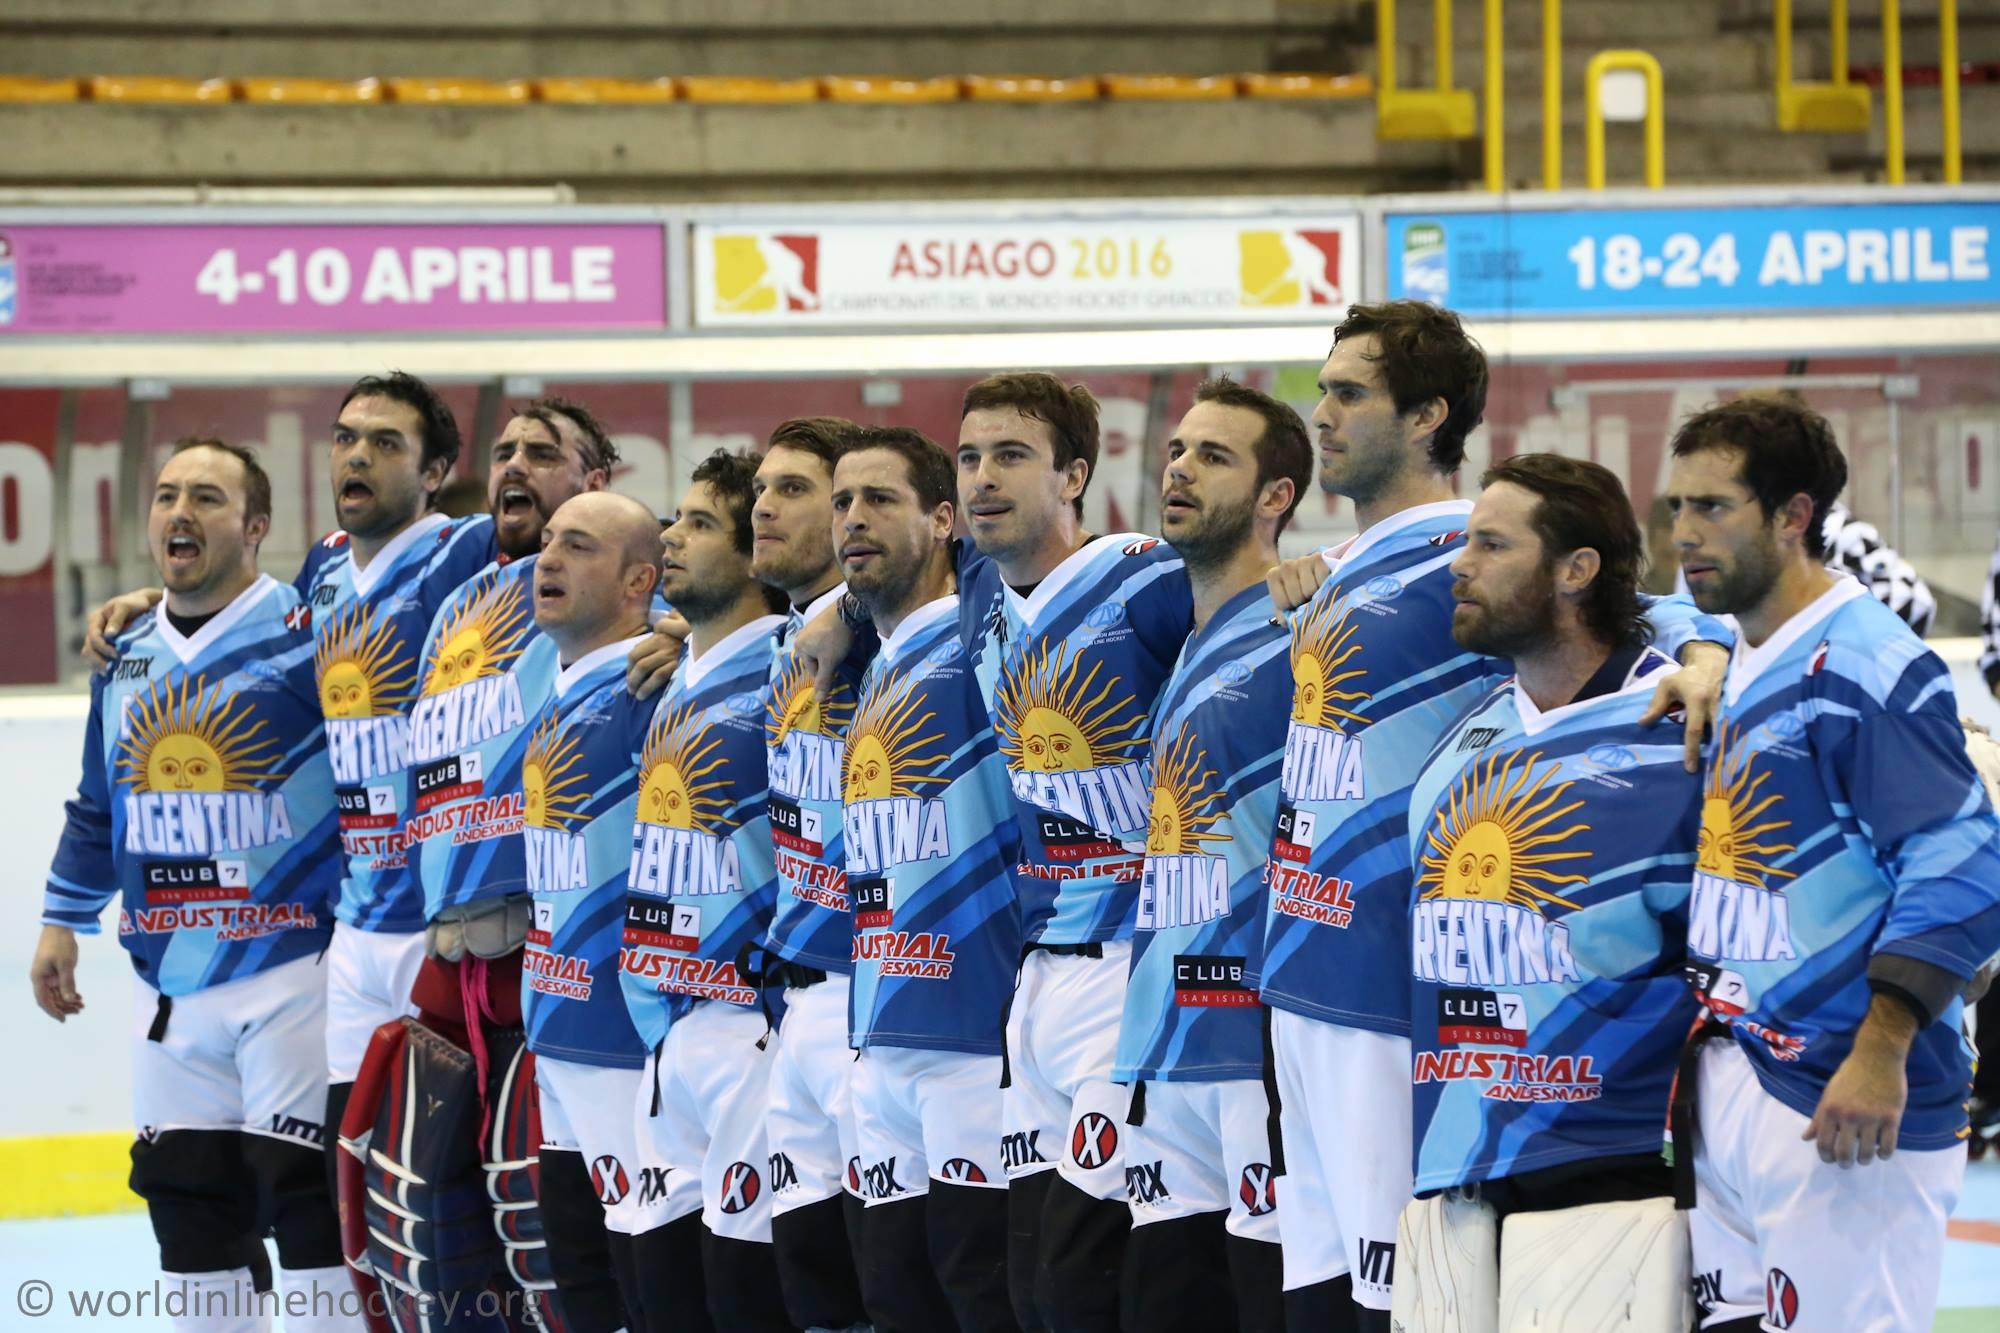 El equipo nacional encabezado de derecha a izquierda por Cristian Guzmán antes del partido de hoy.